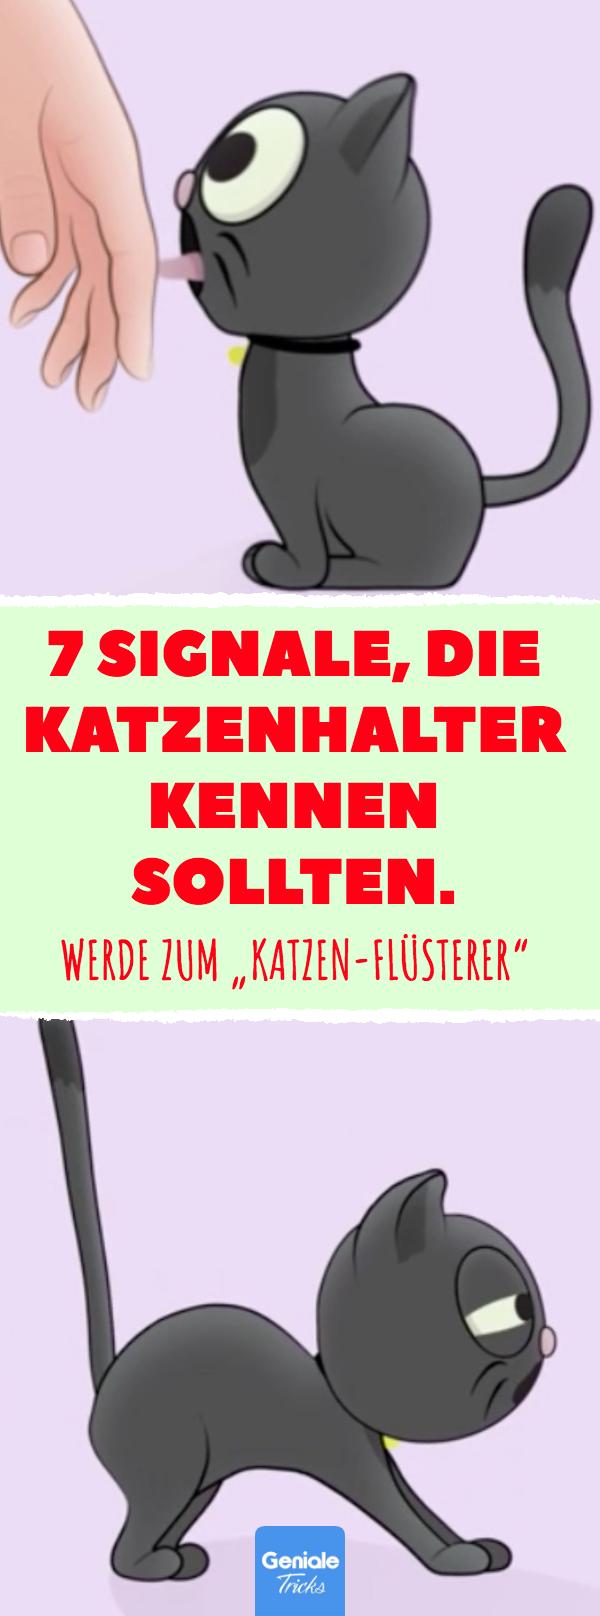 """7 Signale, die Katzenhalter kennen sollten. Werde zum """"Katzen-Flüsterer"""". Körpersprache und Verhalten: 7 Signale von Katzen, die Besitzer kennen sollten. Achte auf die Signale! #katzen #körpersprache #verhalten #signale #haustiere #tiere #wissen #katzengeburtstag"""